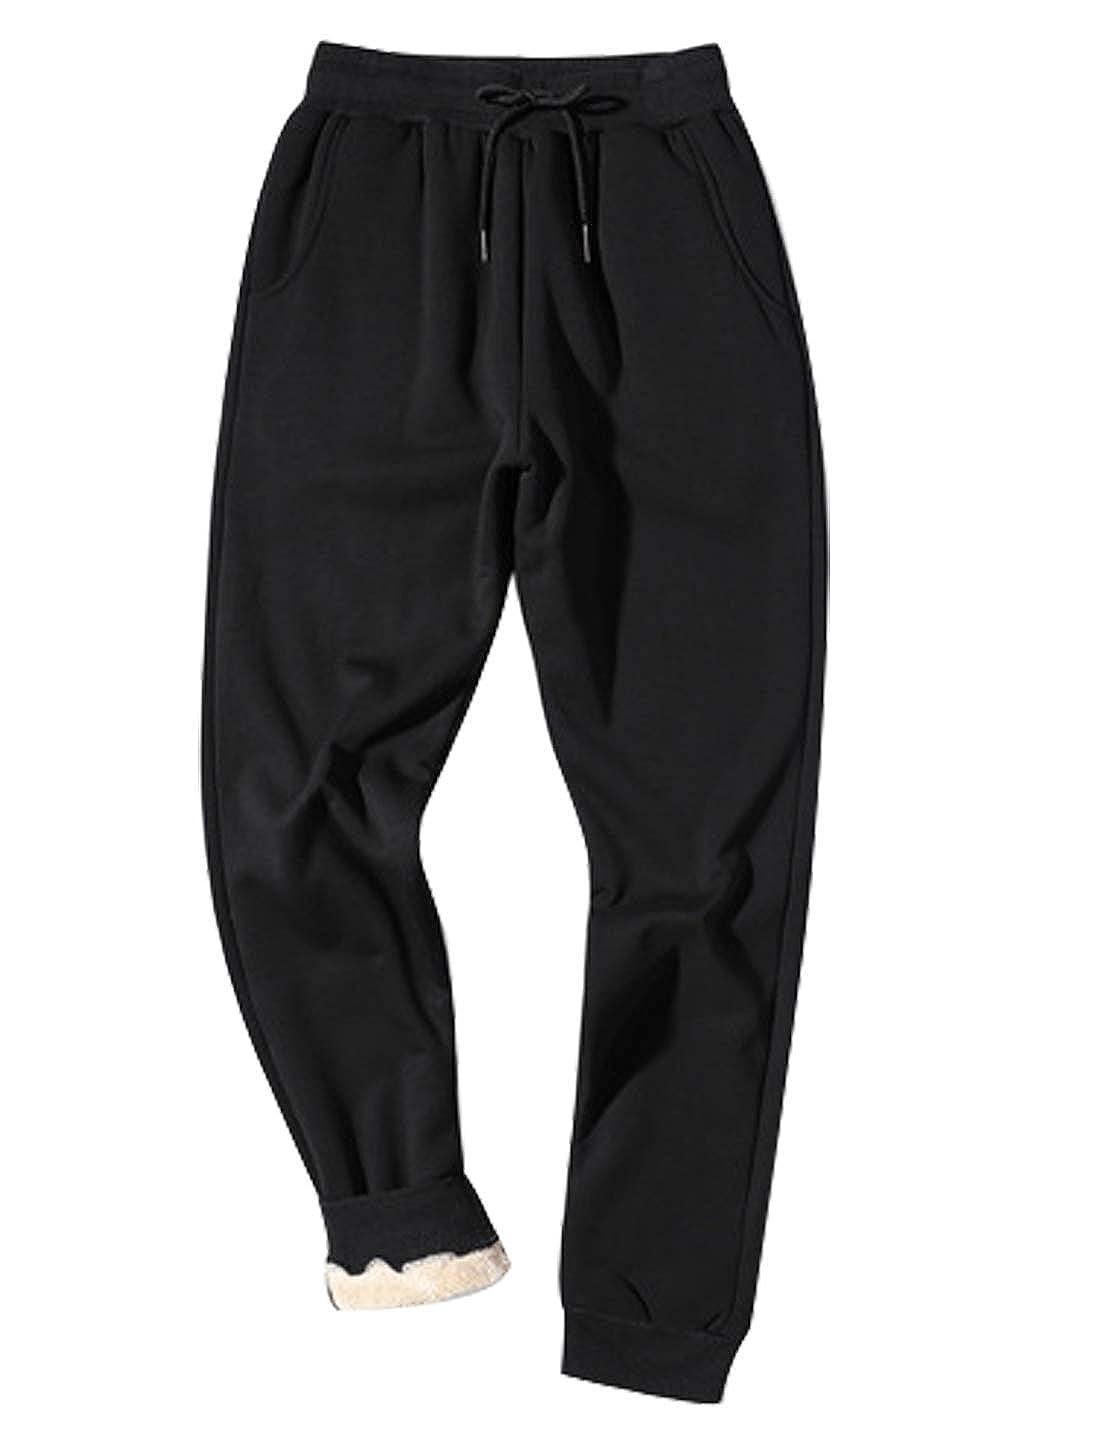 【即納】 Gihuo ブラック PANTS メンズ メンズ B07JQ9ZVRL Small ブラック Small Small|ブラック, 美陽堂 BIYOUDO:85039671 --- ciadaterra.com